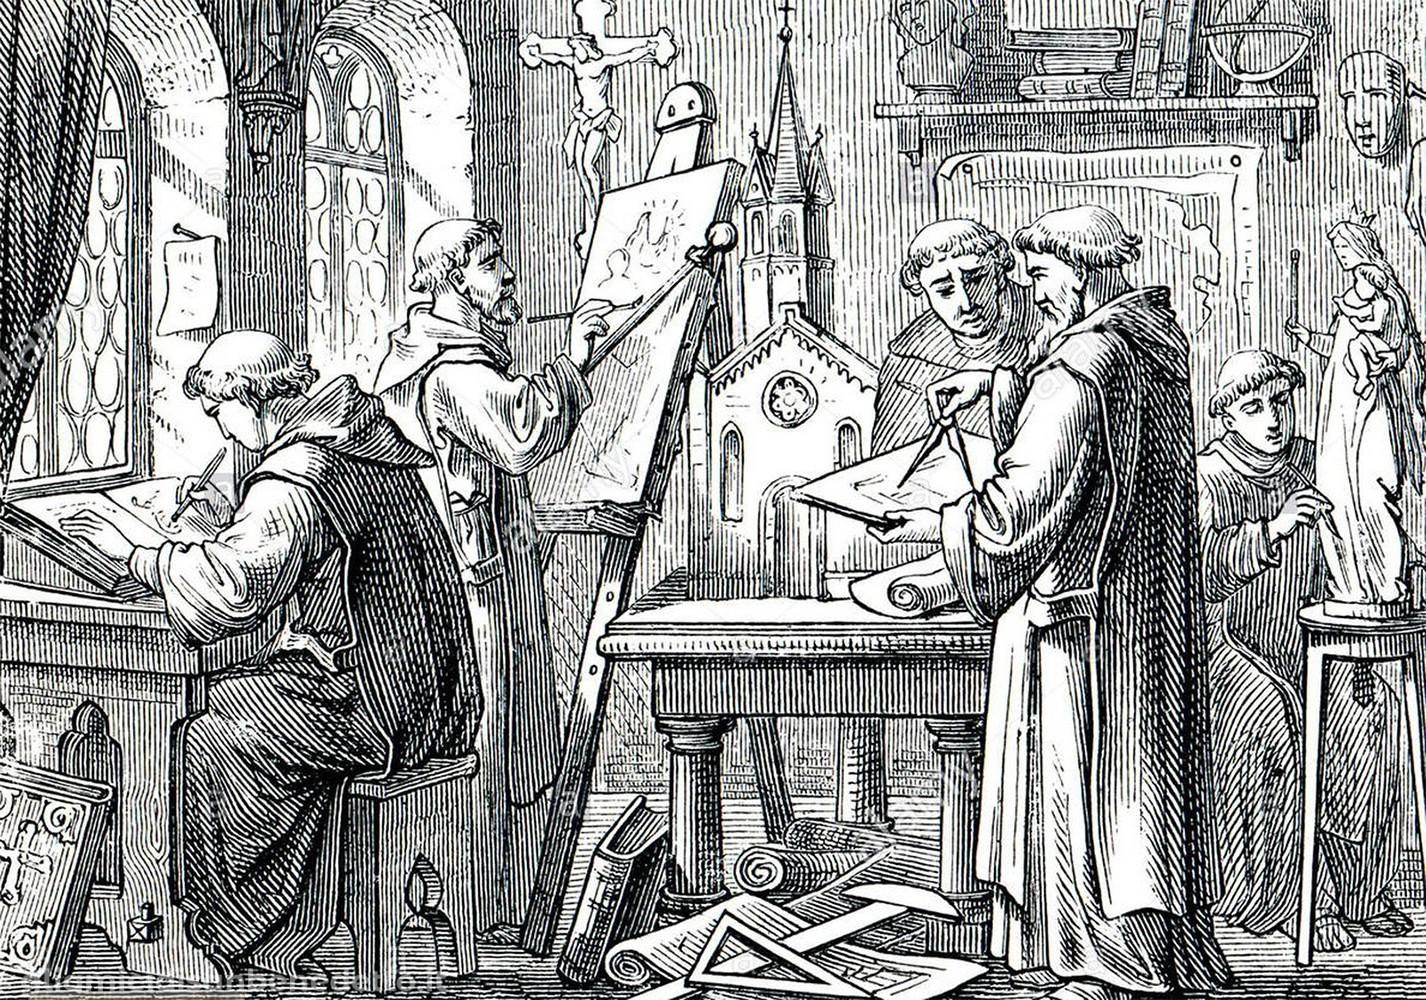 L'inventiva e la sperimentazione all'interno dei monasteri